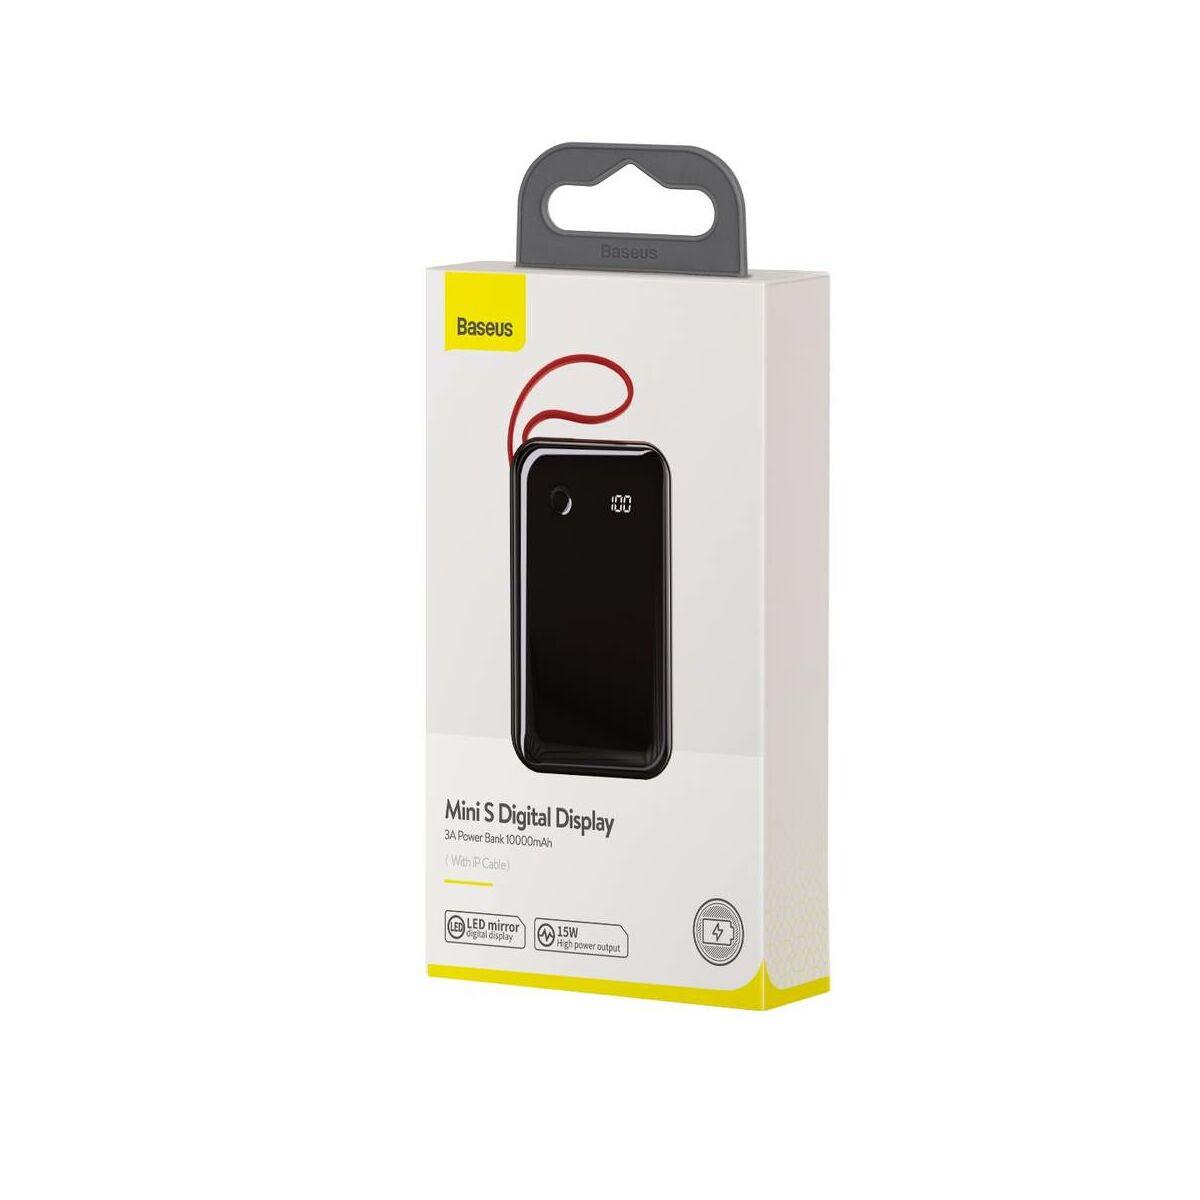 Baseus Power Bank Mini S Digitális kijelző 3A (ajándék Lightning kábellel) 10000 mAh, fekete (PPXF-B01)